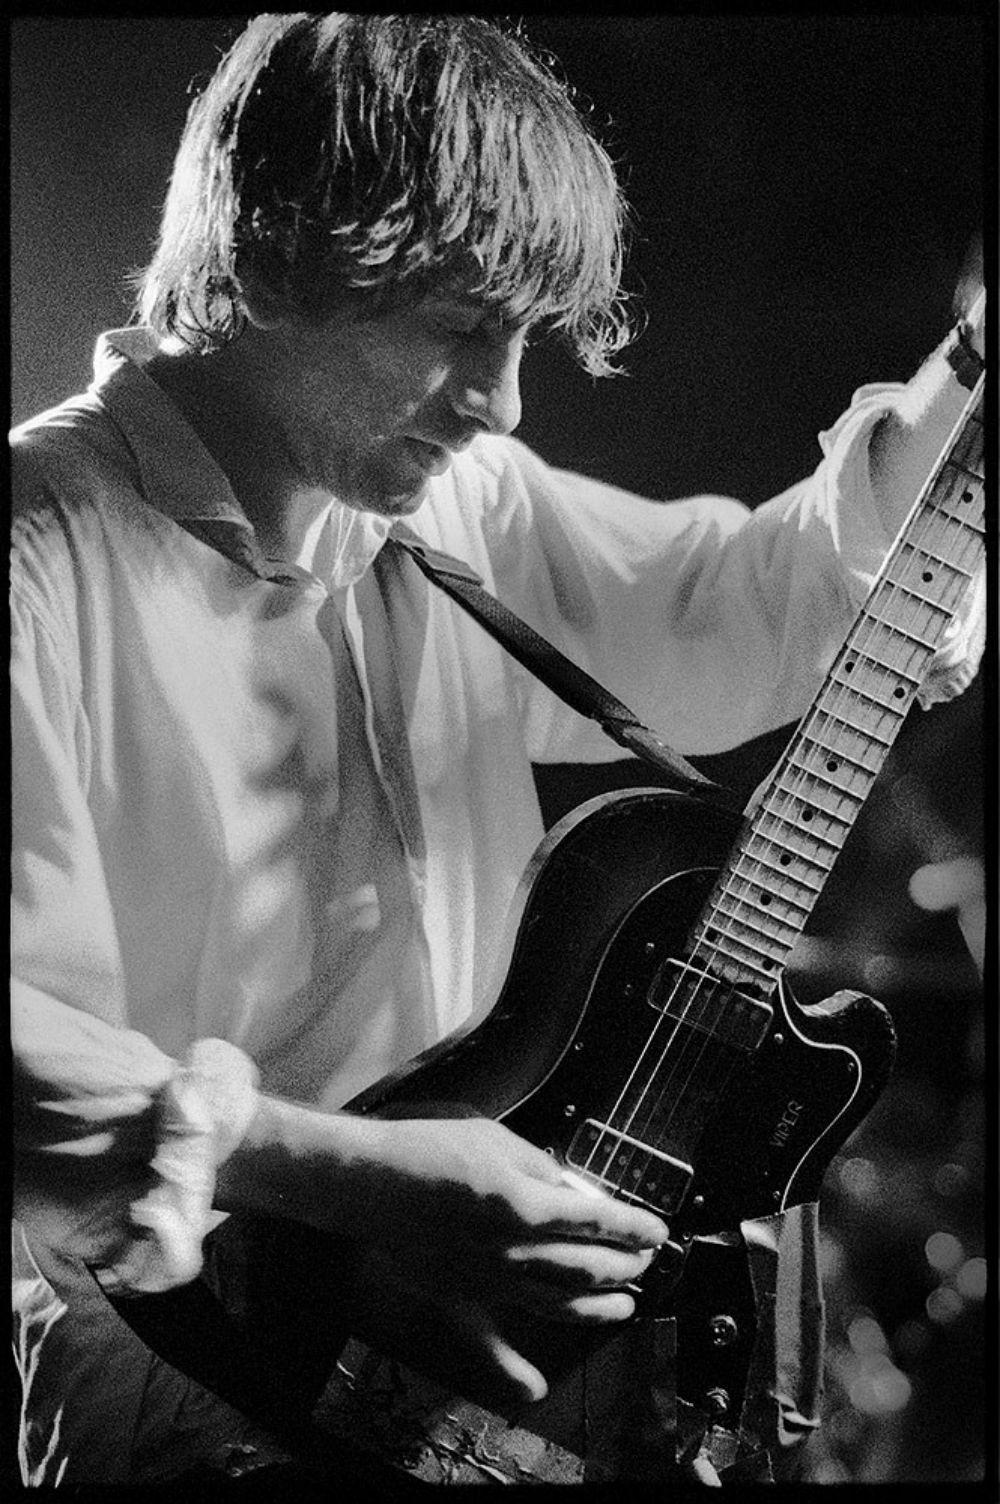 Lee Ranaldo ao vivo com o Sonic Youth em 1988